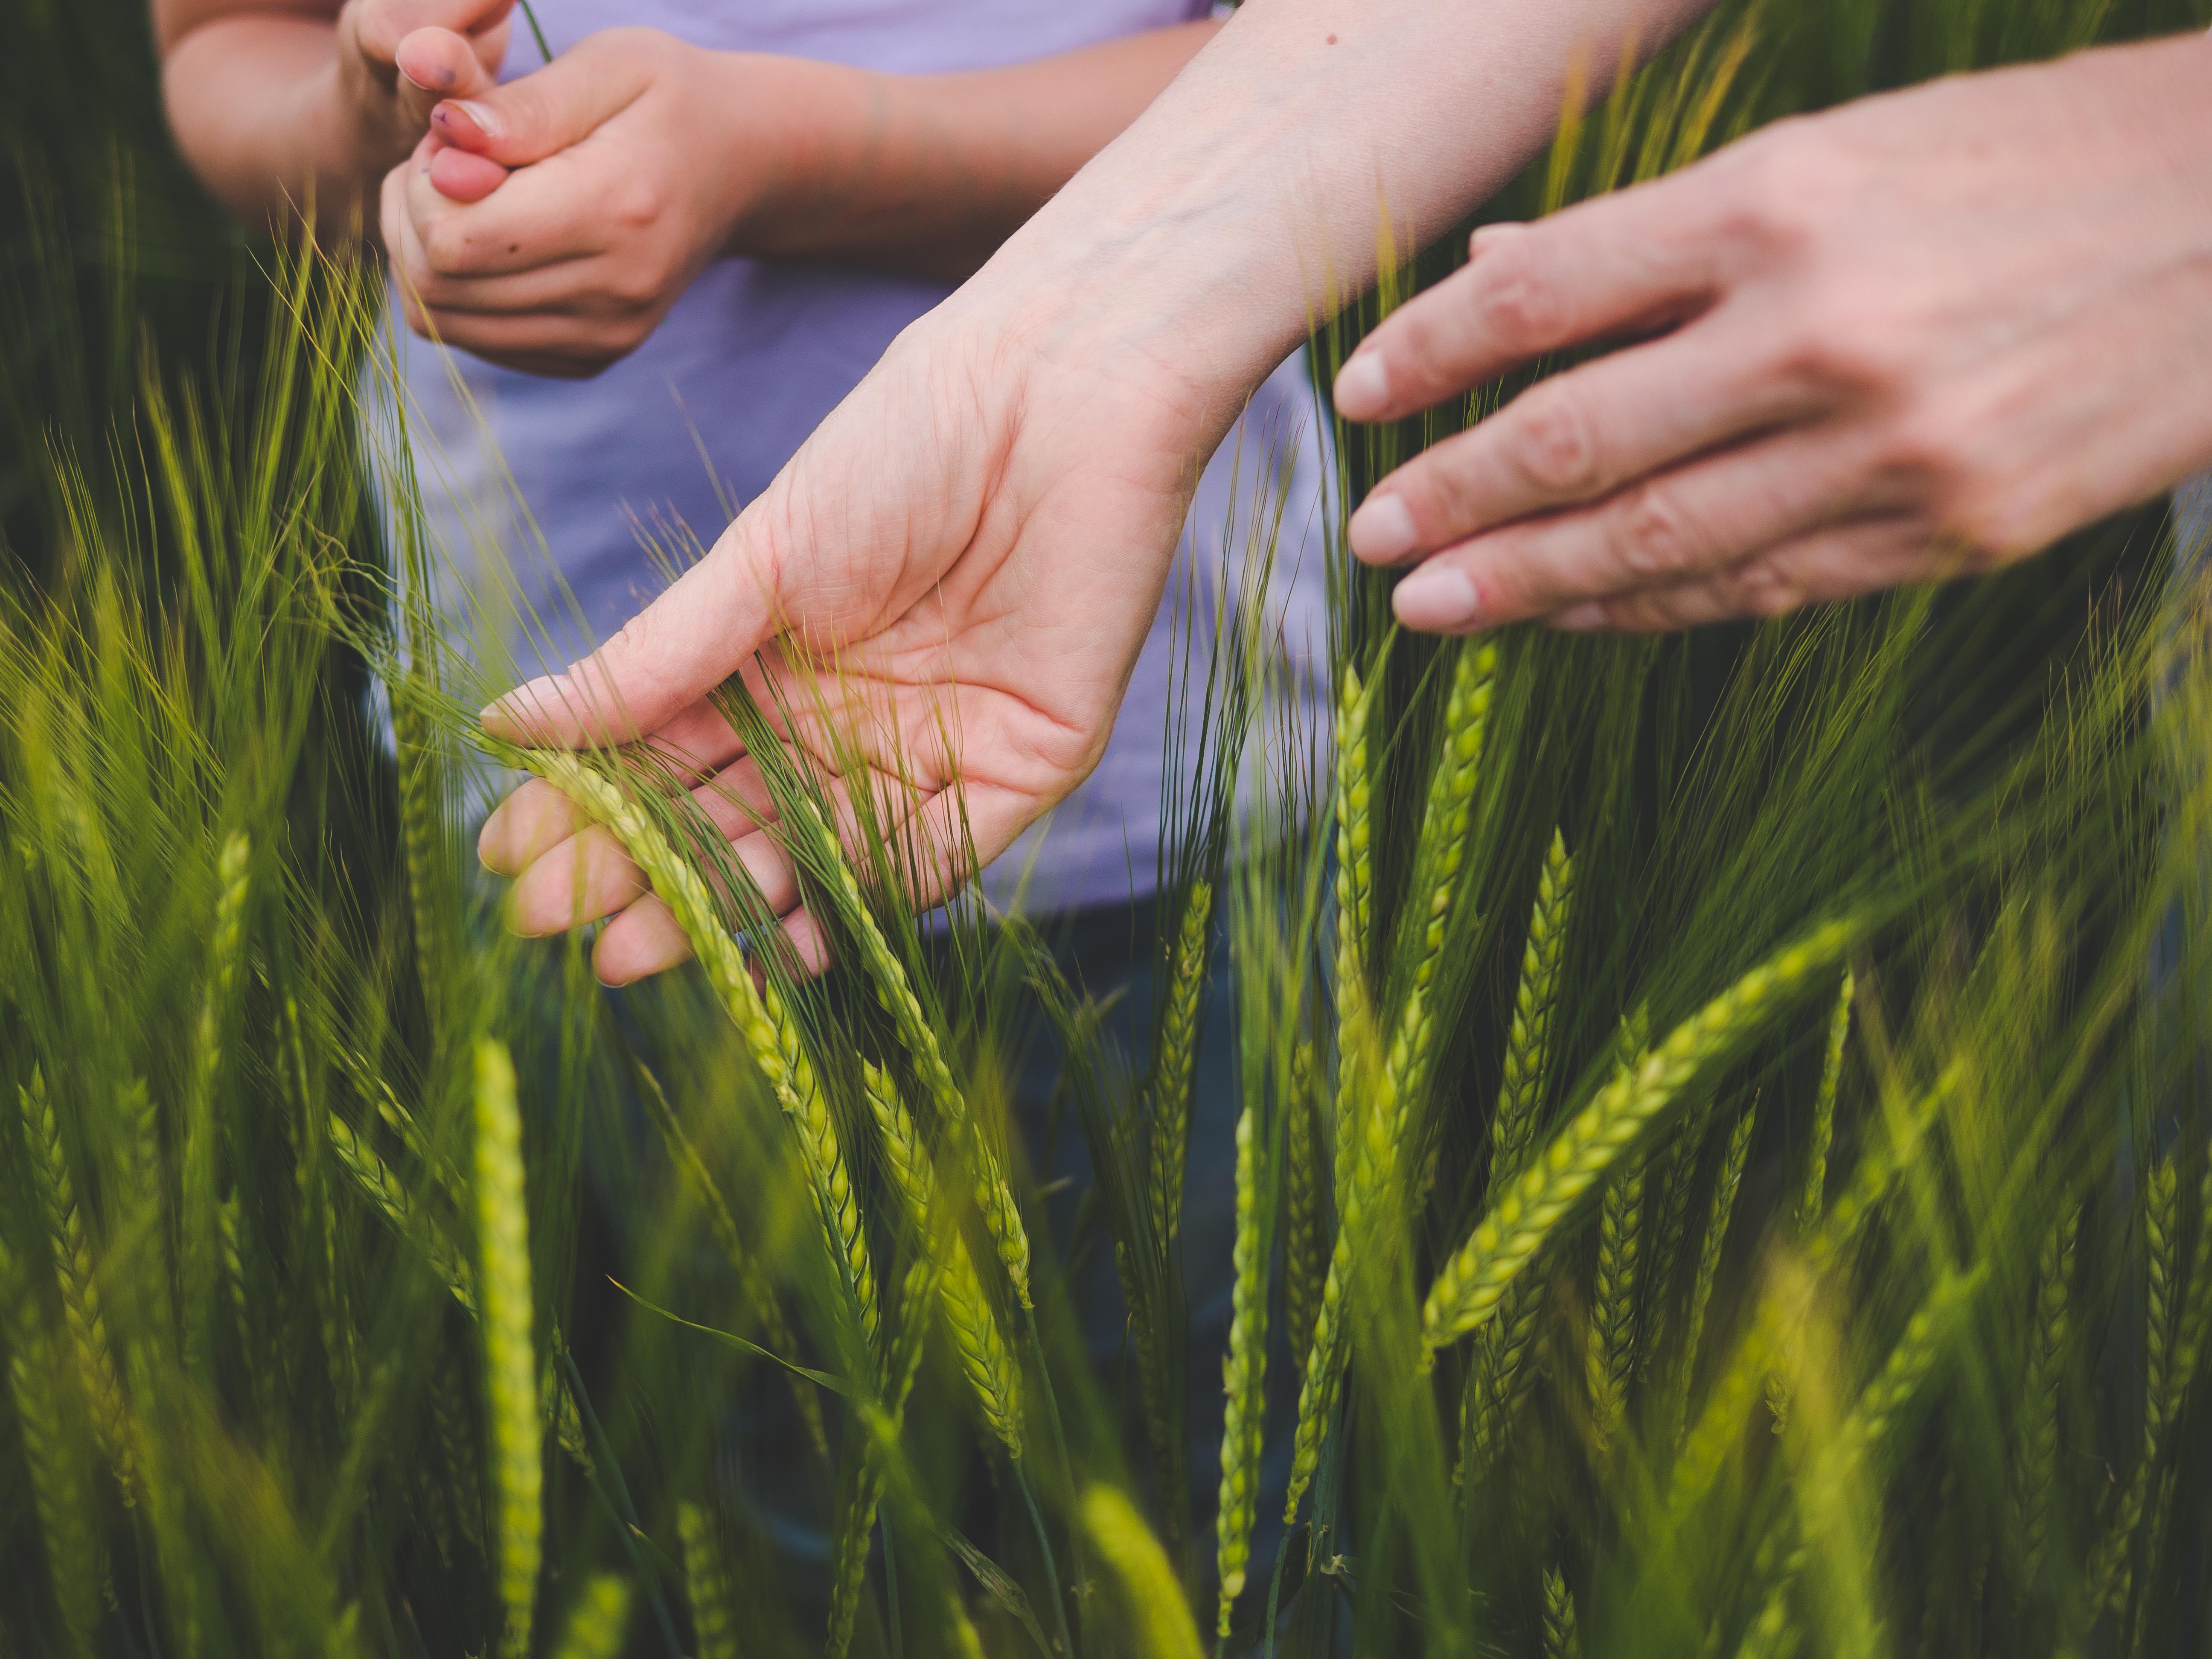 Winter barley nitrogen fertilization image